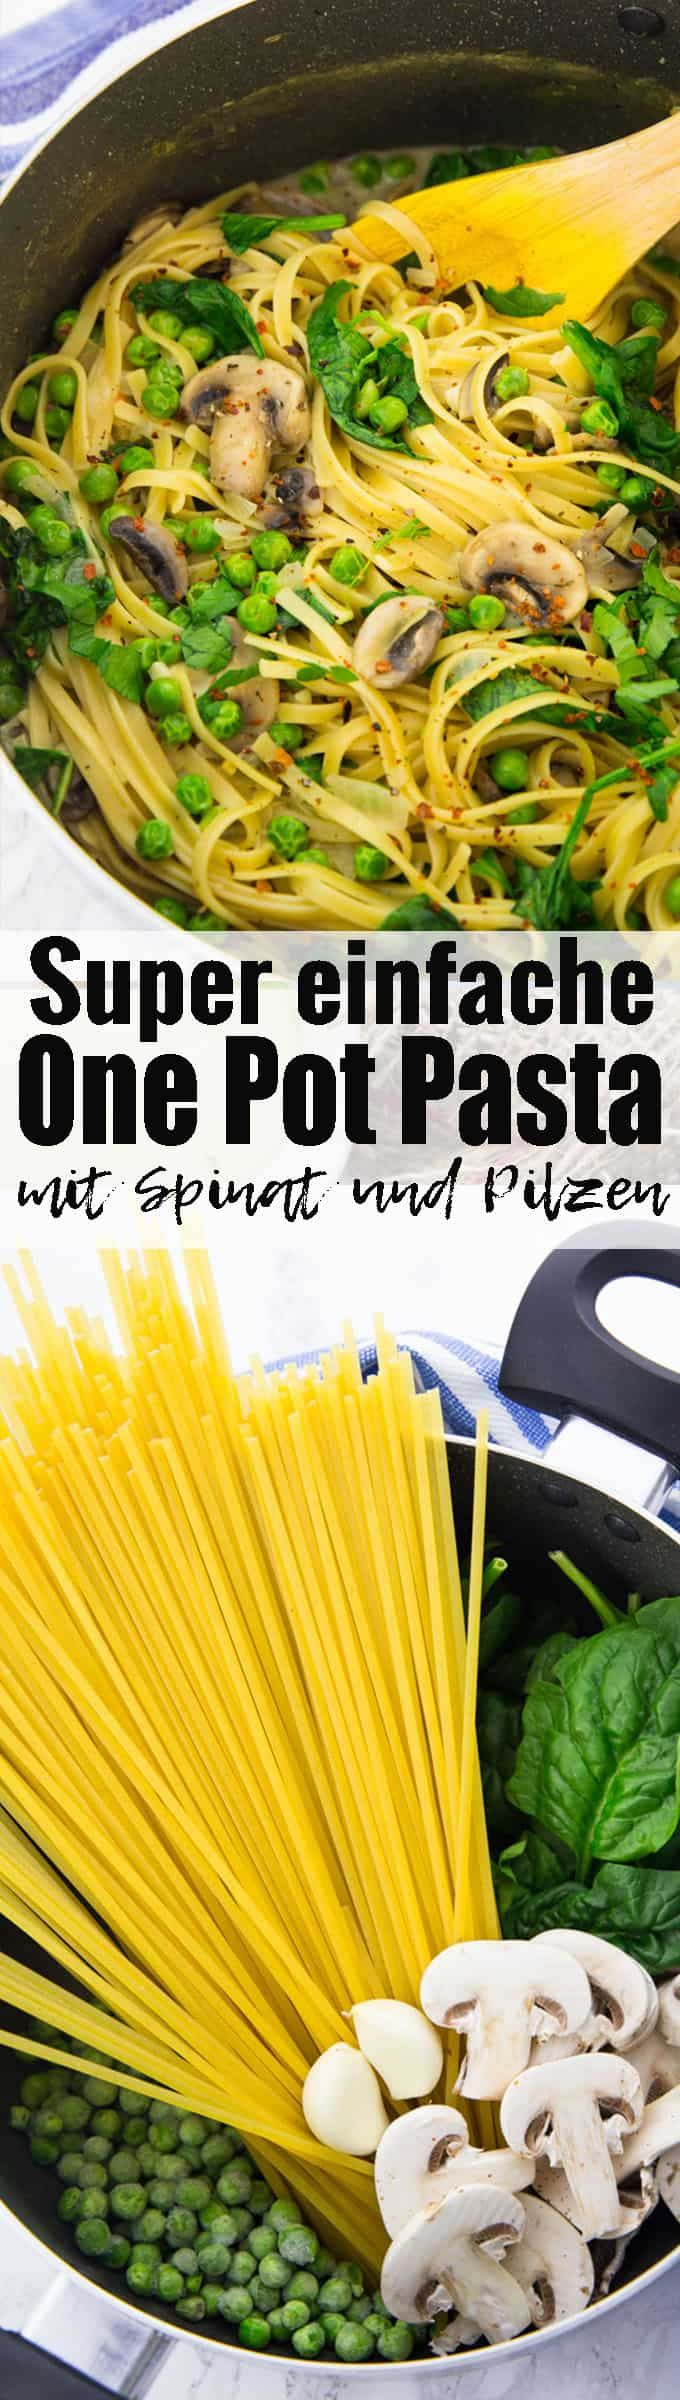 Diese One Pot Pasta mit Spinat und Pilzen ist nicht nur super cremig, sondern auch total einfach zuzubereiten. Einfache Rezepte sind manchmal einfach die besten! Und Nudel Rezepte sowieso! Mehr vegane Rezepte findet ihr auf veganheaven.de